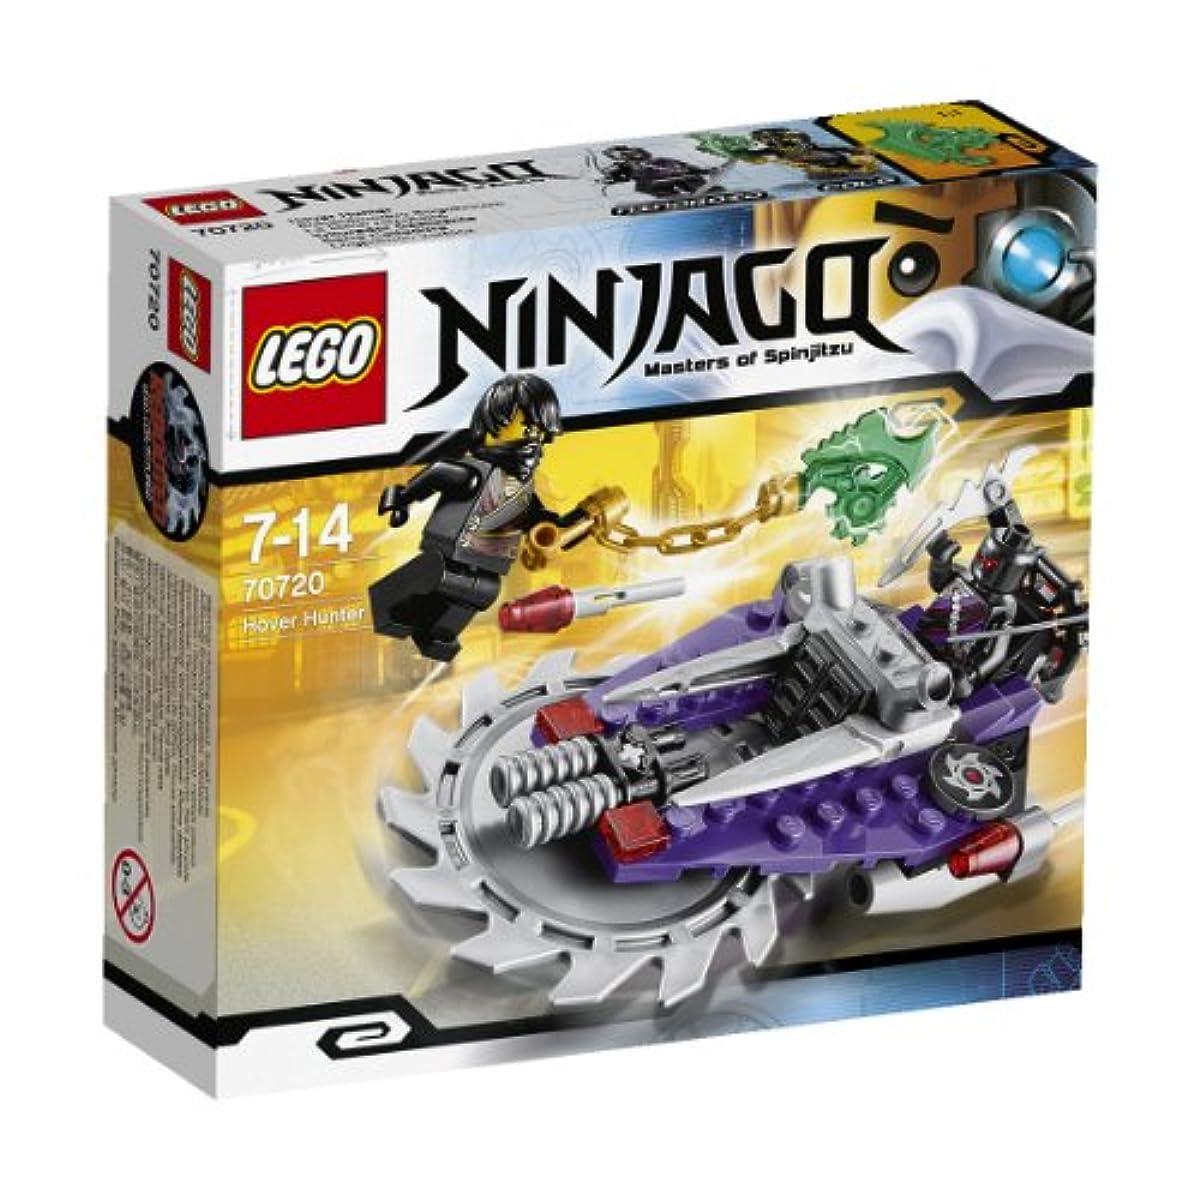 [해외] 레고 (LEGO) 닌자고 호바헌터 70720-70720 (2013-12-27)